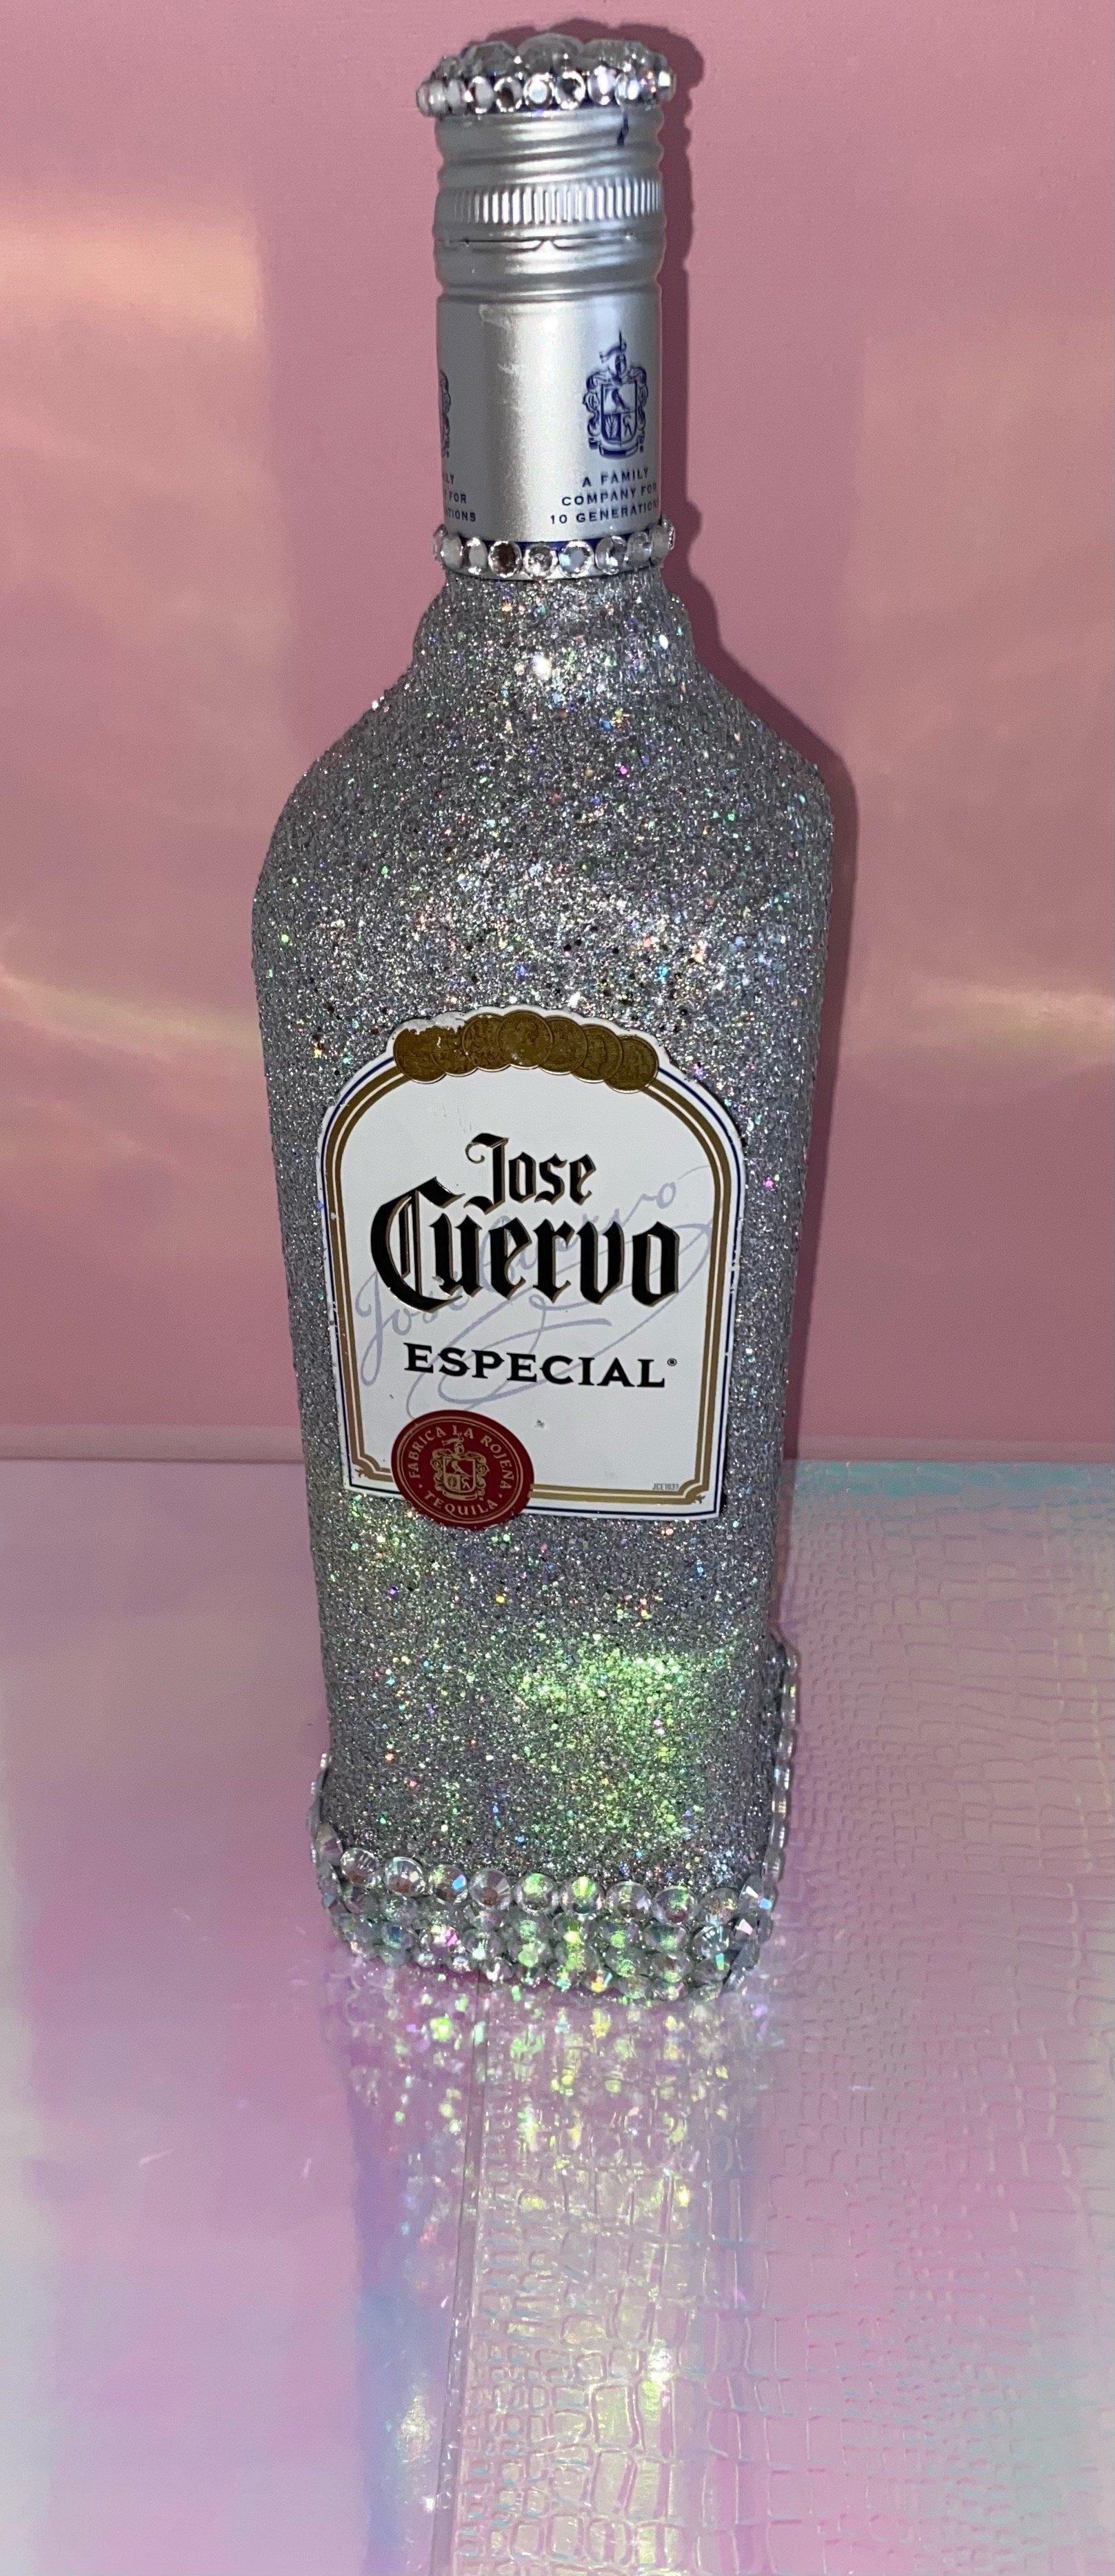 Jose cuervo glitter pink